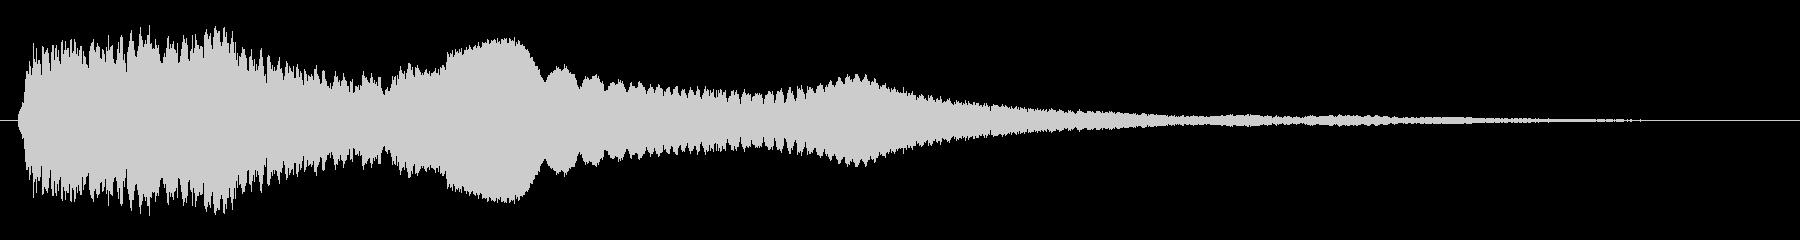 透き通るような癒しの音色の未再生の波形